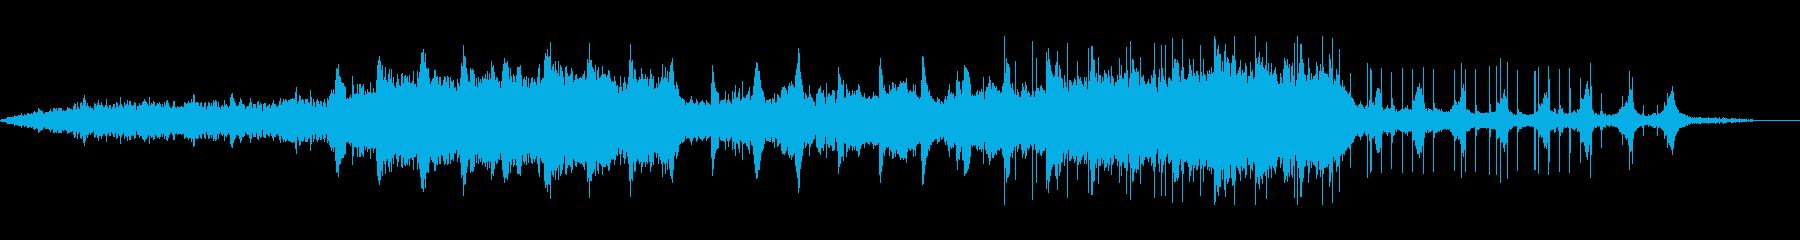 幻想的なアンビエントBGM、サロン、スパの再生済みの波形